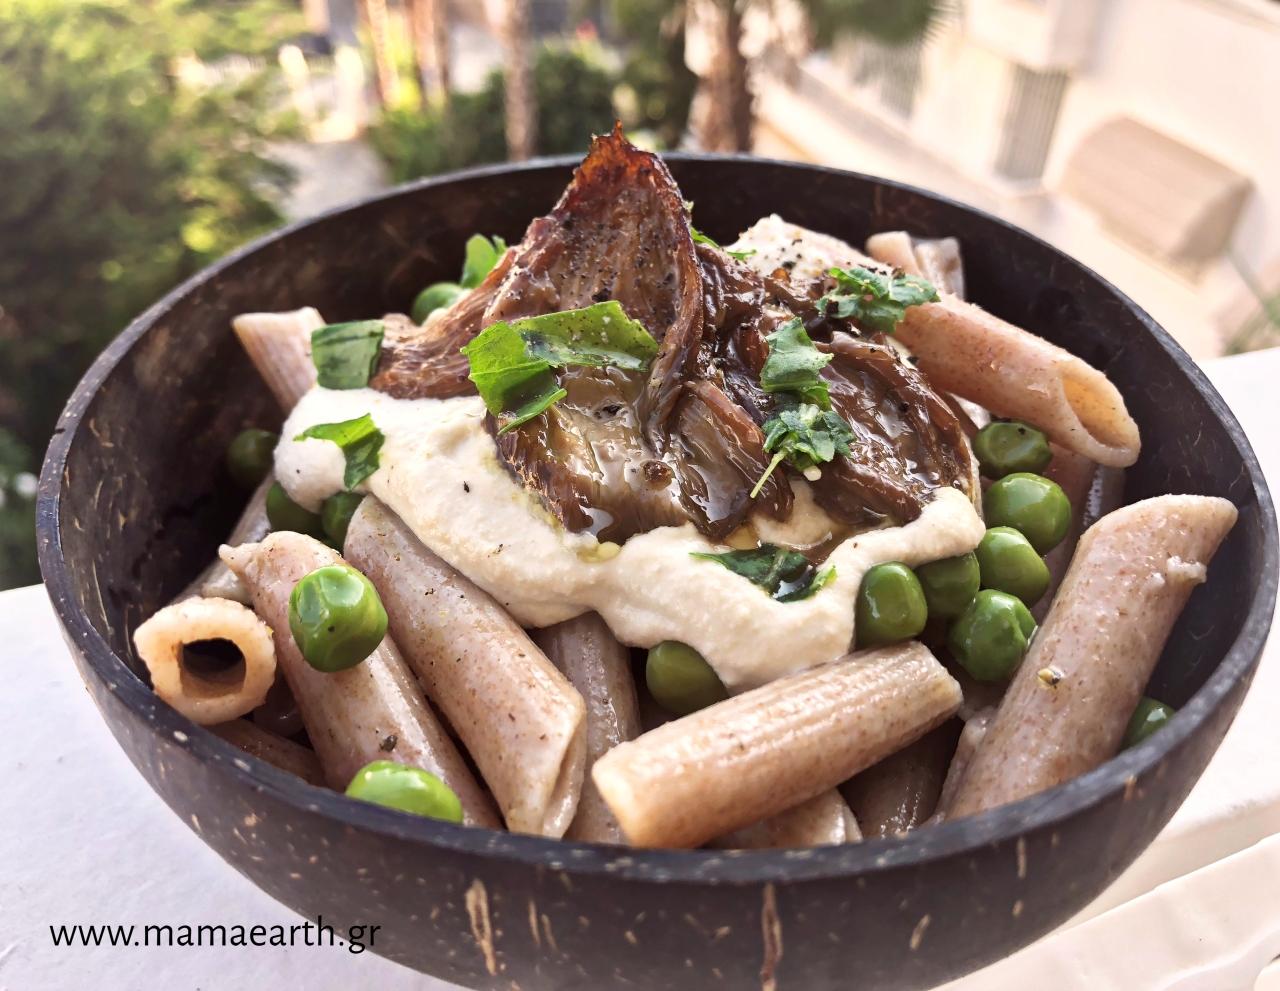 Πέννες ρυζιού με ψητά μανιτάρια και σώς από τόφου καικάσιους